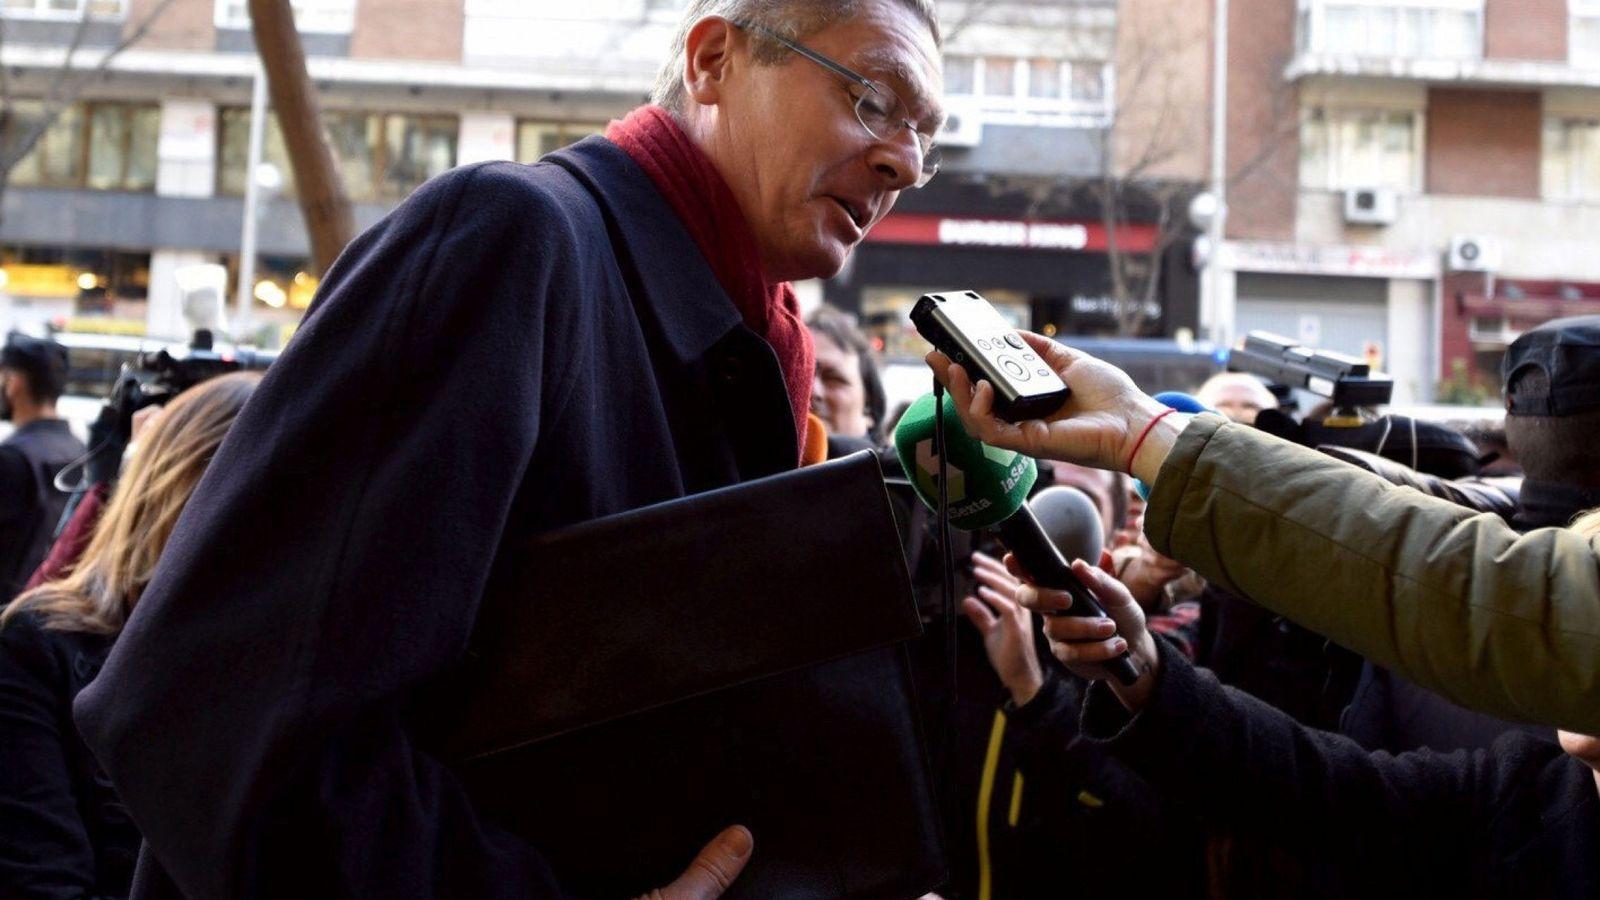 Foto: El exministro de Justicia Alberto Ruiz Gallardón atiende a los medios a su llegada a un acto organizado por la Fundación FAES. (EFE)